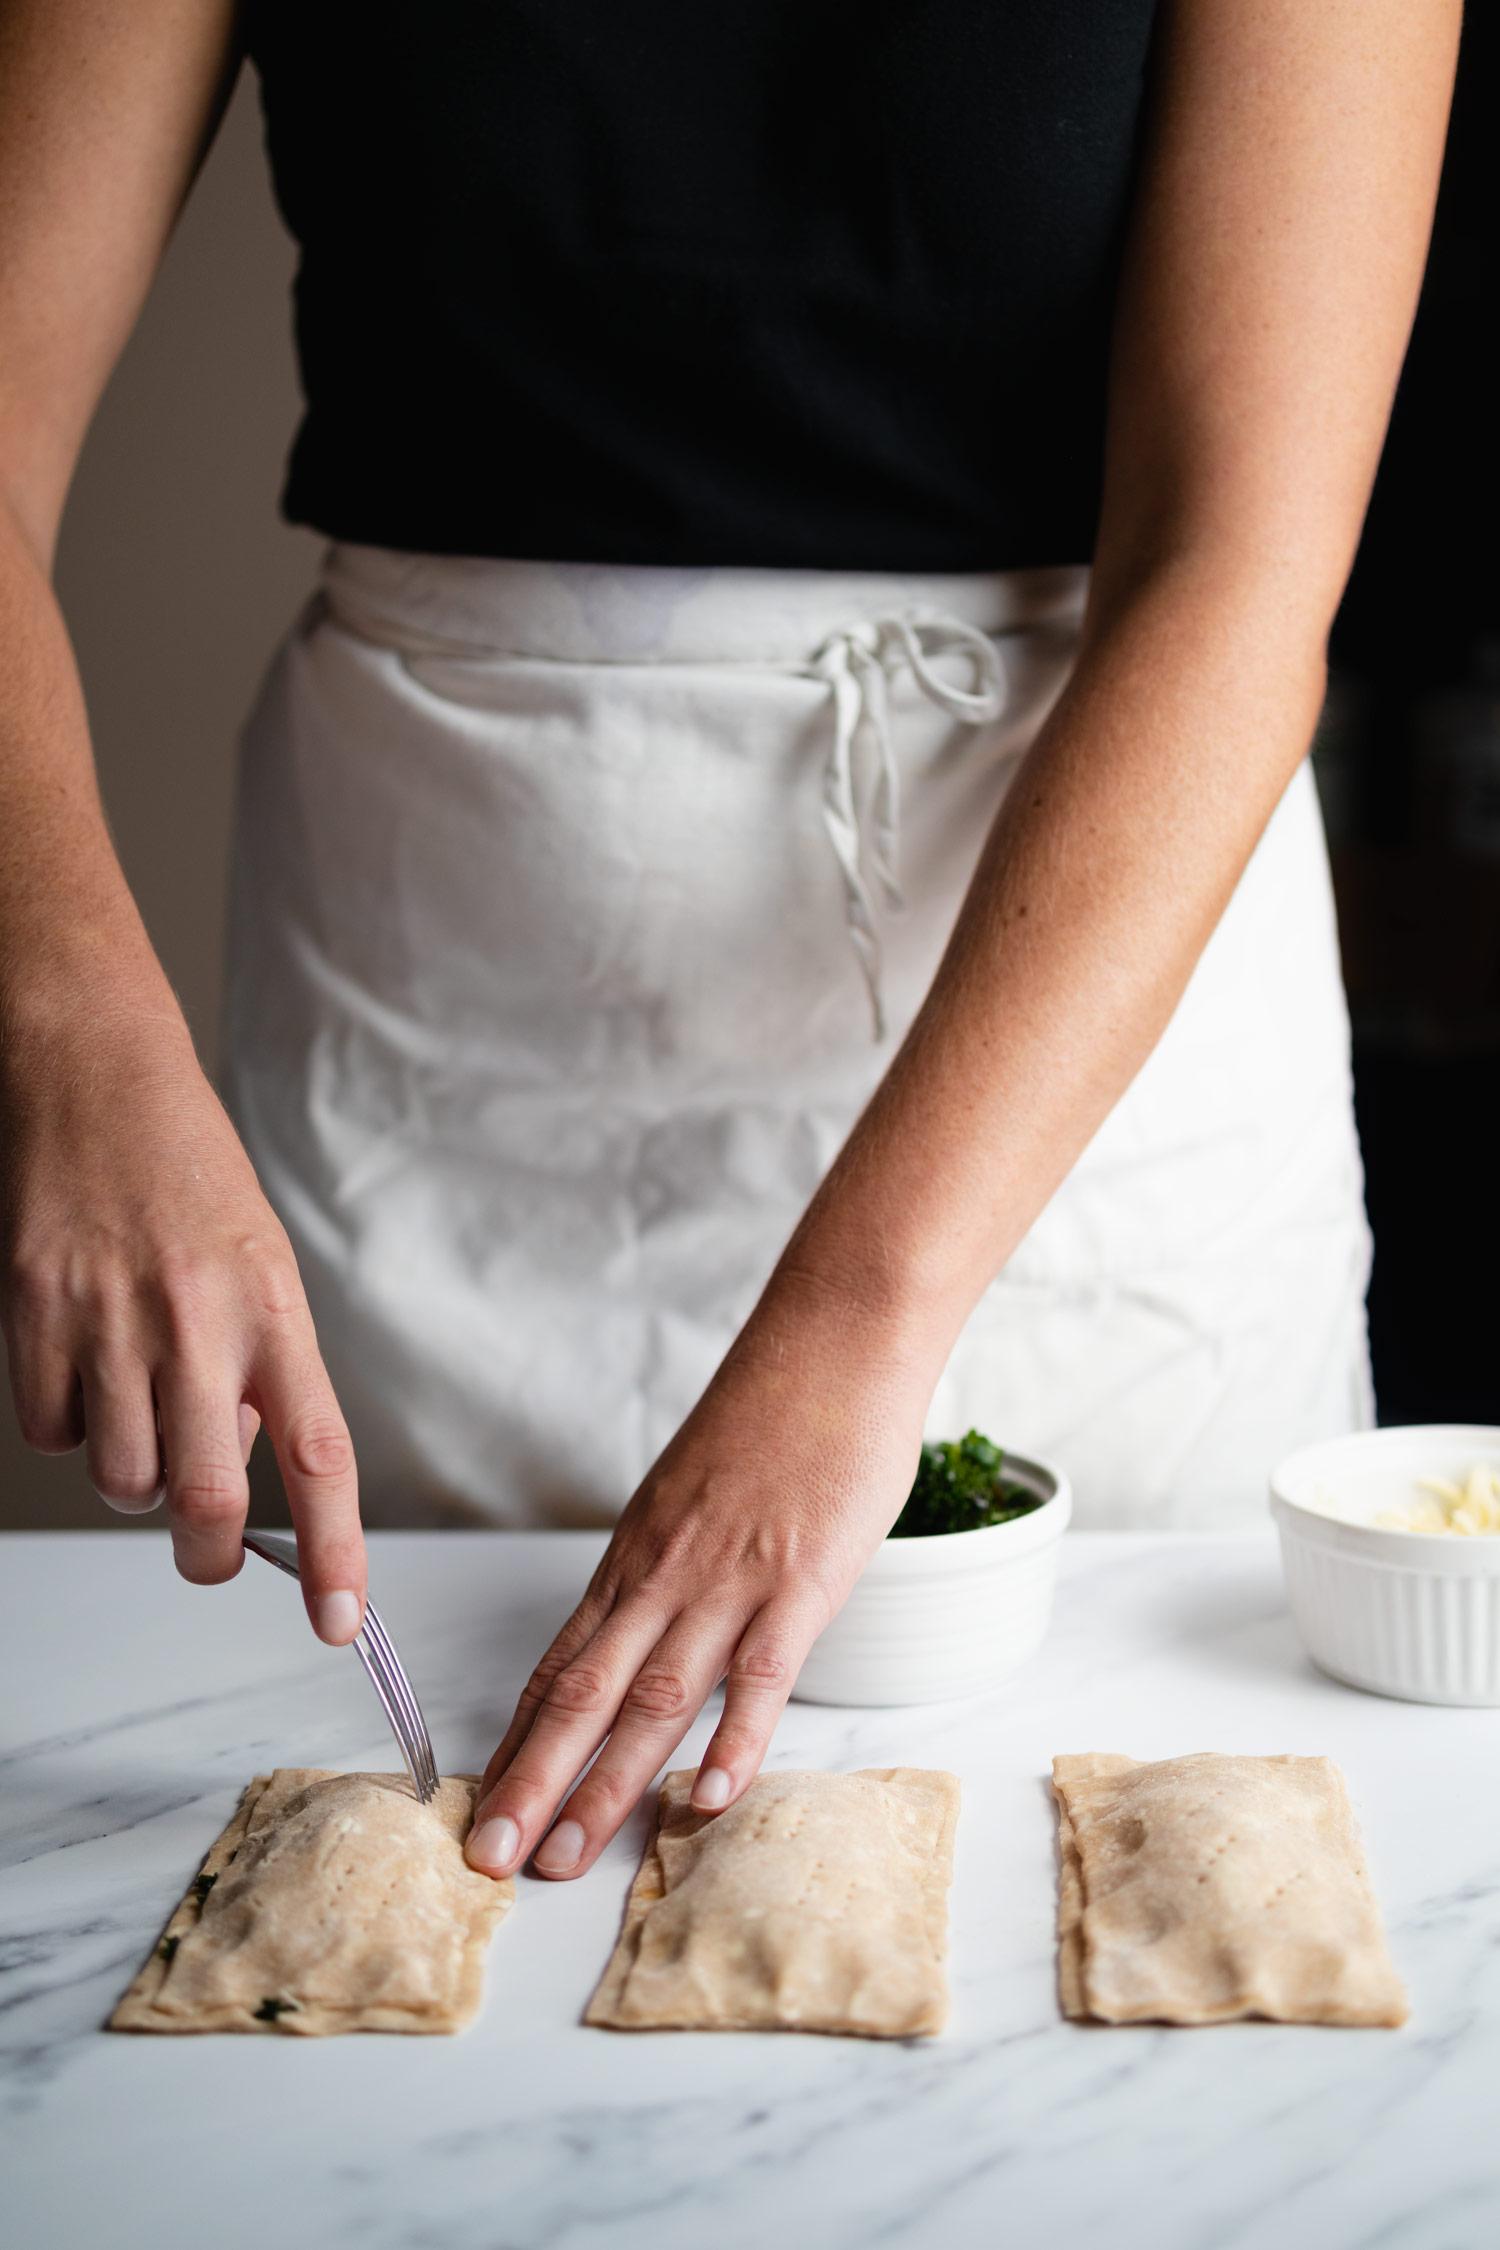 making homemade savory poptarts